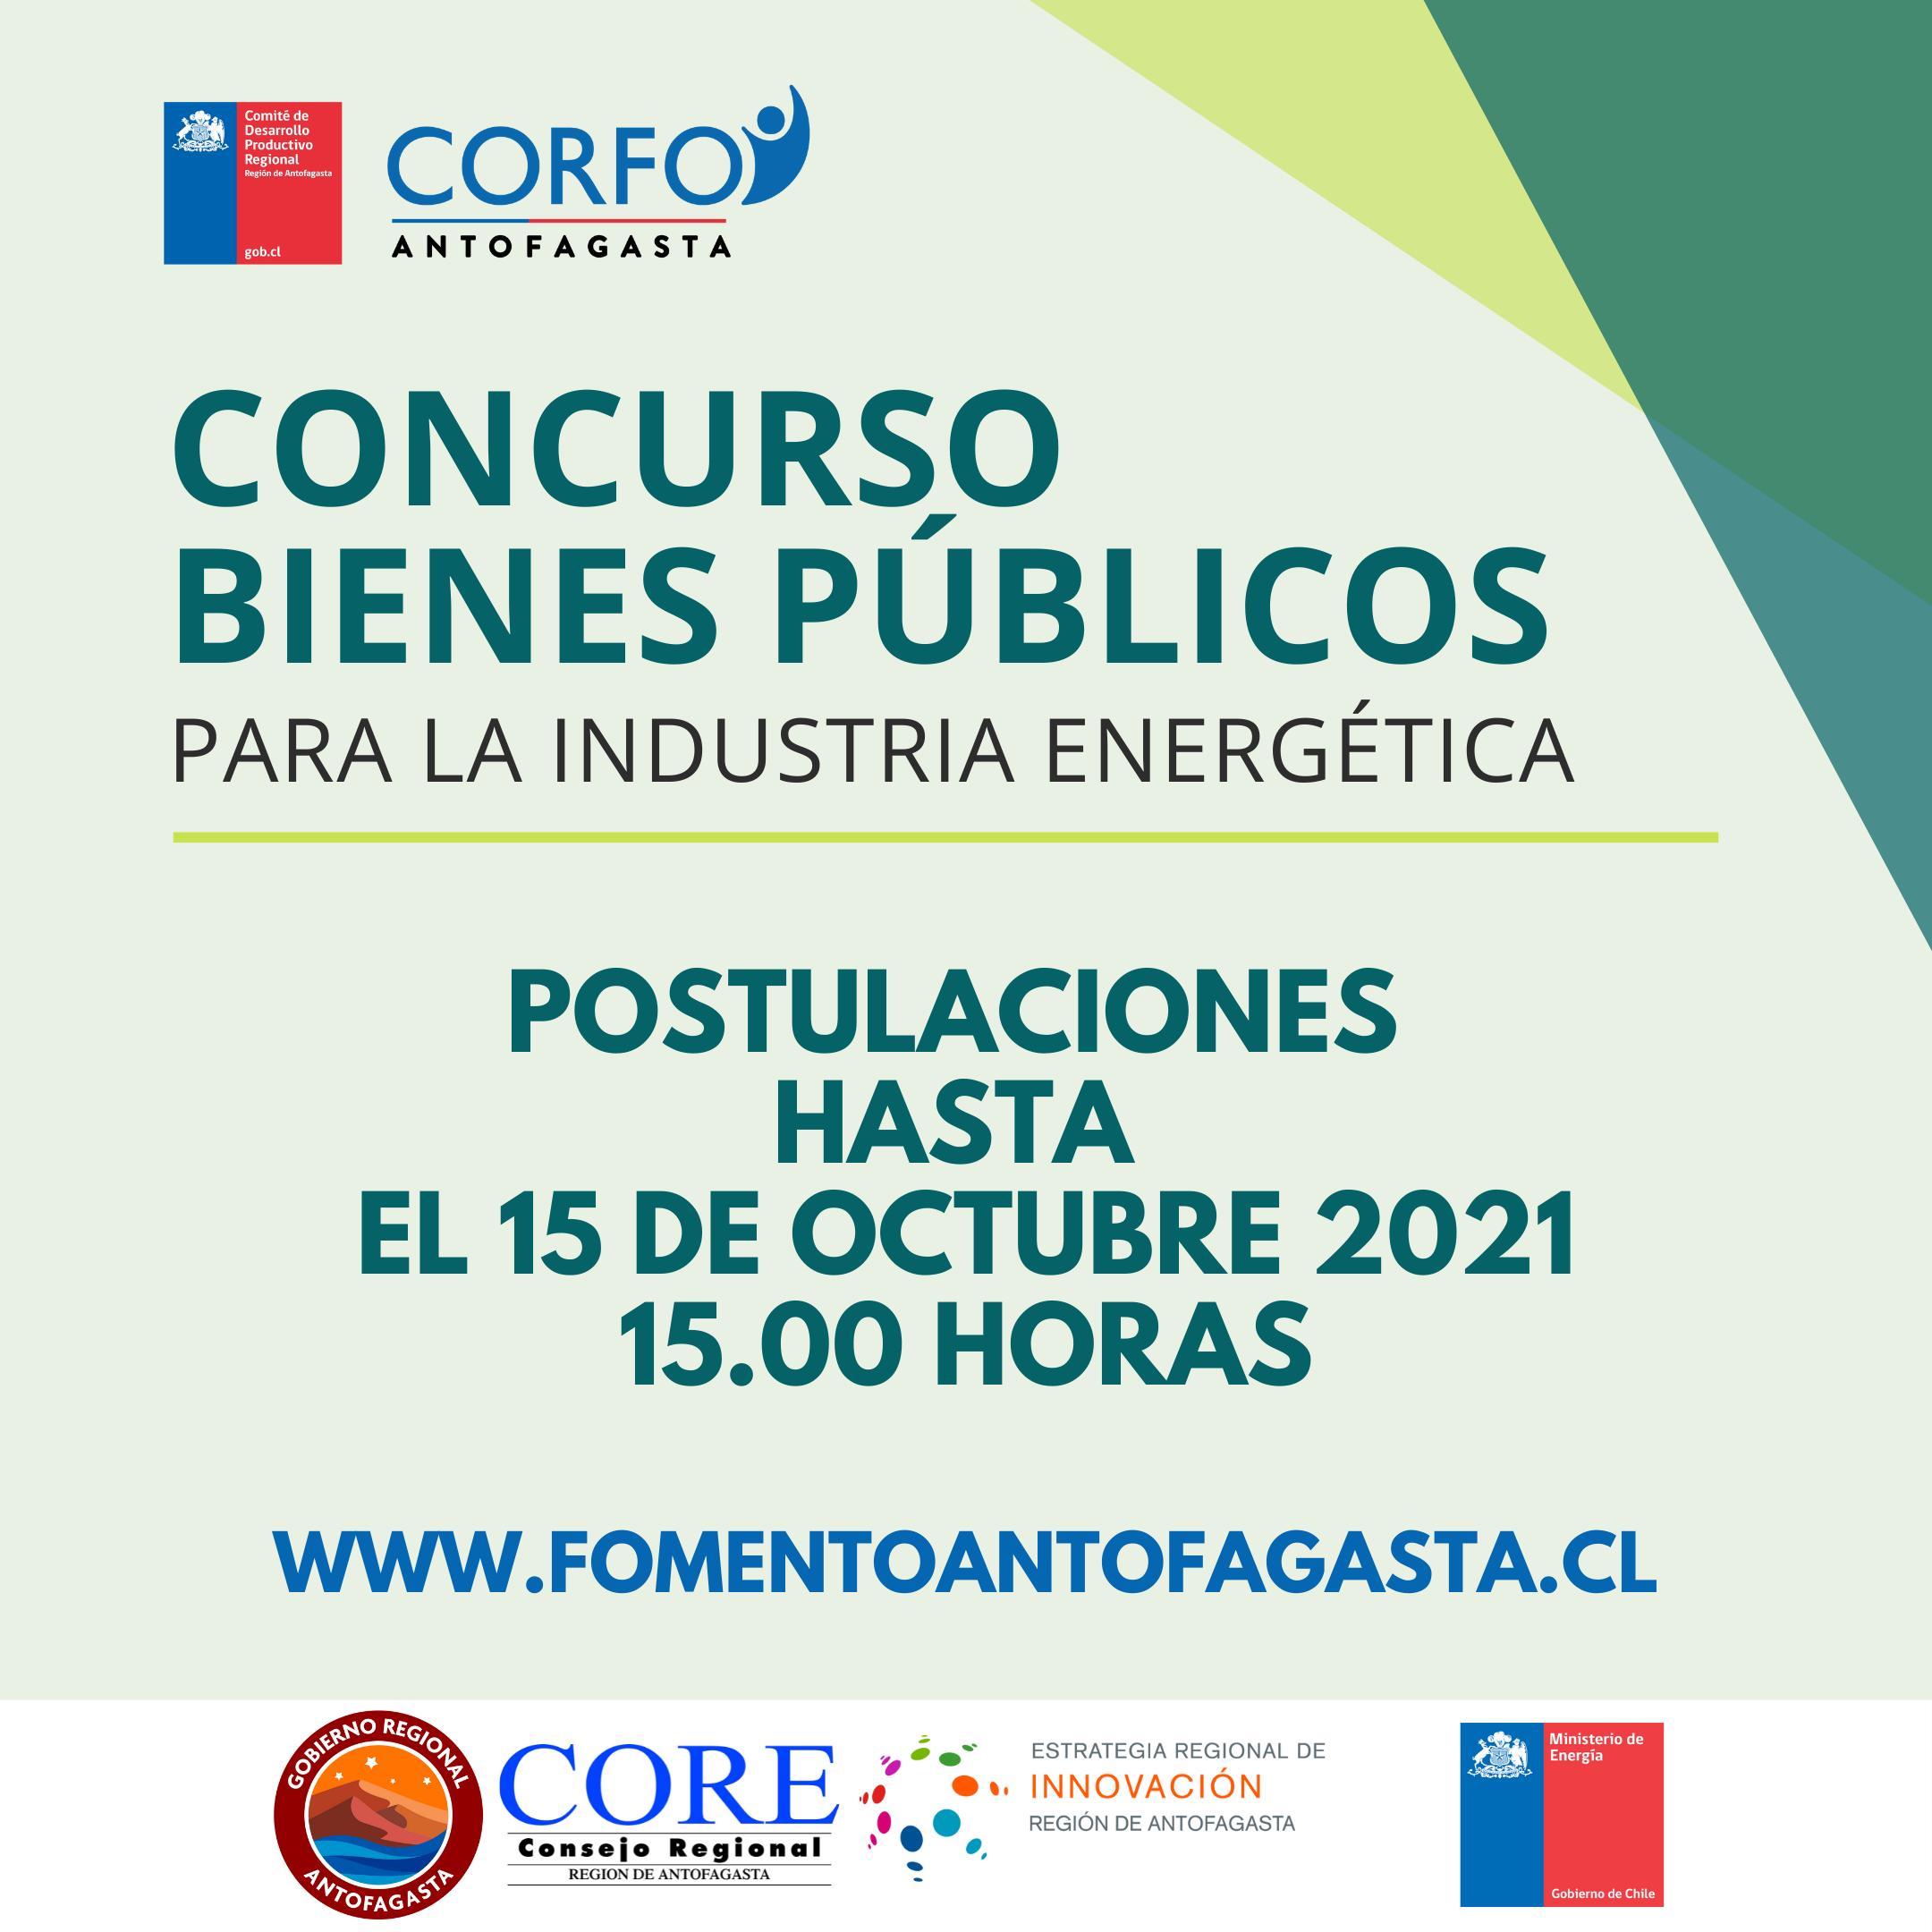 Comité CORFO abre concurso para mejorar la competitividad y desarrollo sostenible de la industria energética